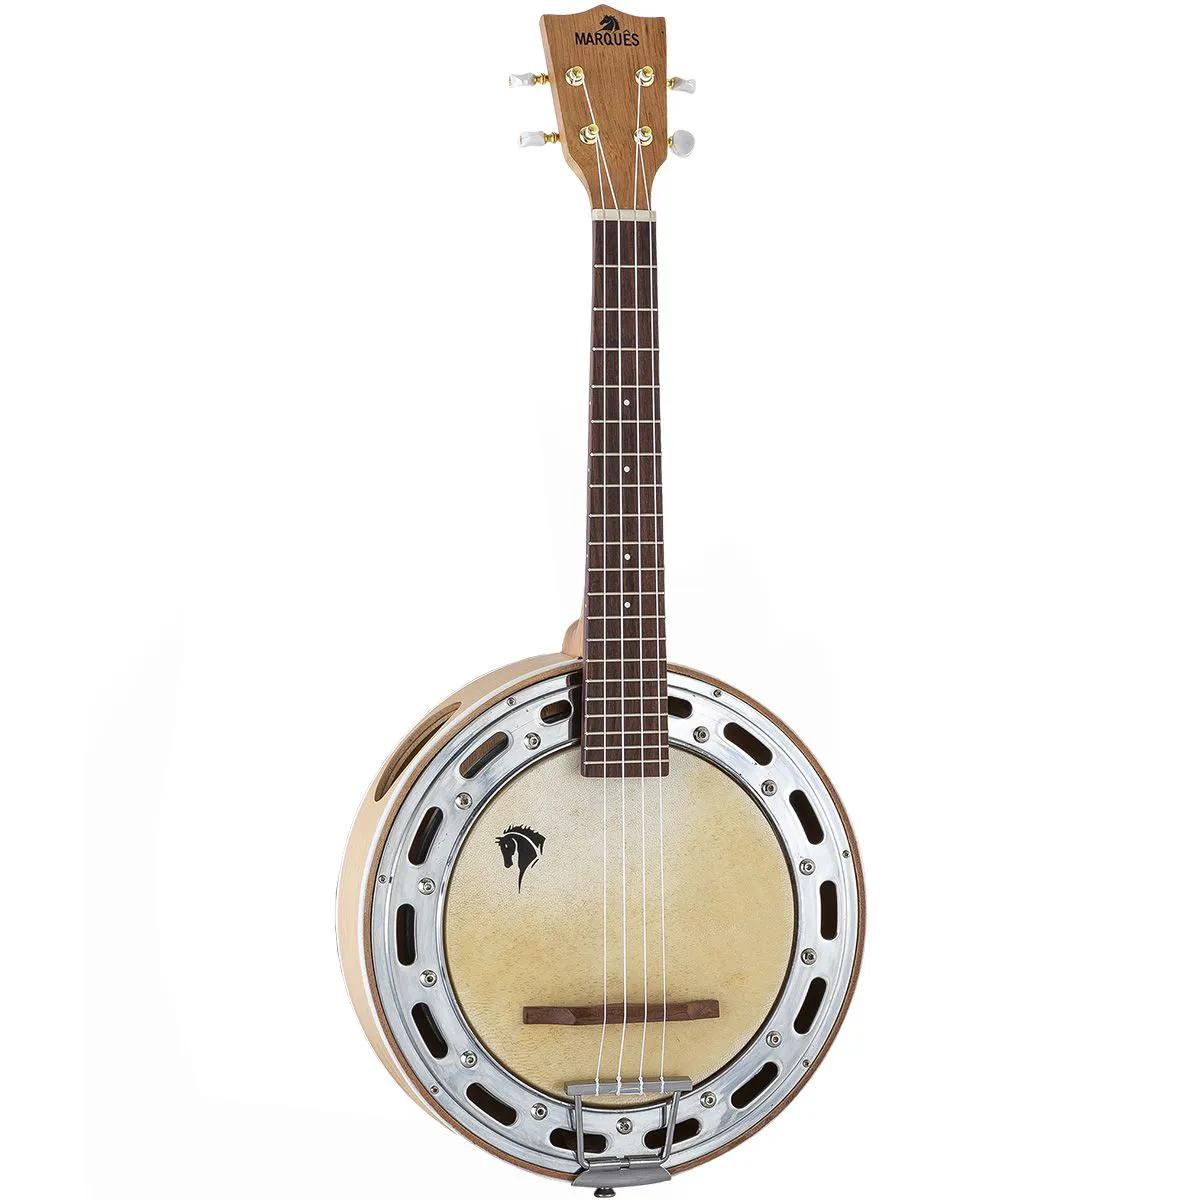 Ukulele Banjo Eletro-Acústico Marquês BLLT-117 Natural